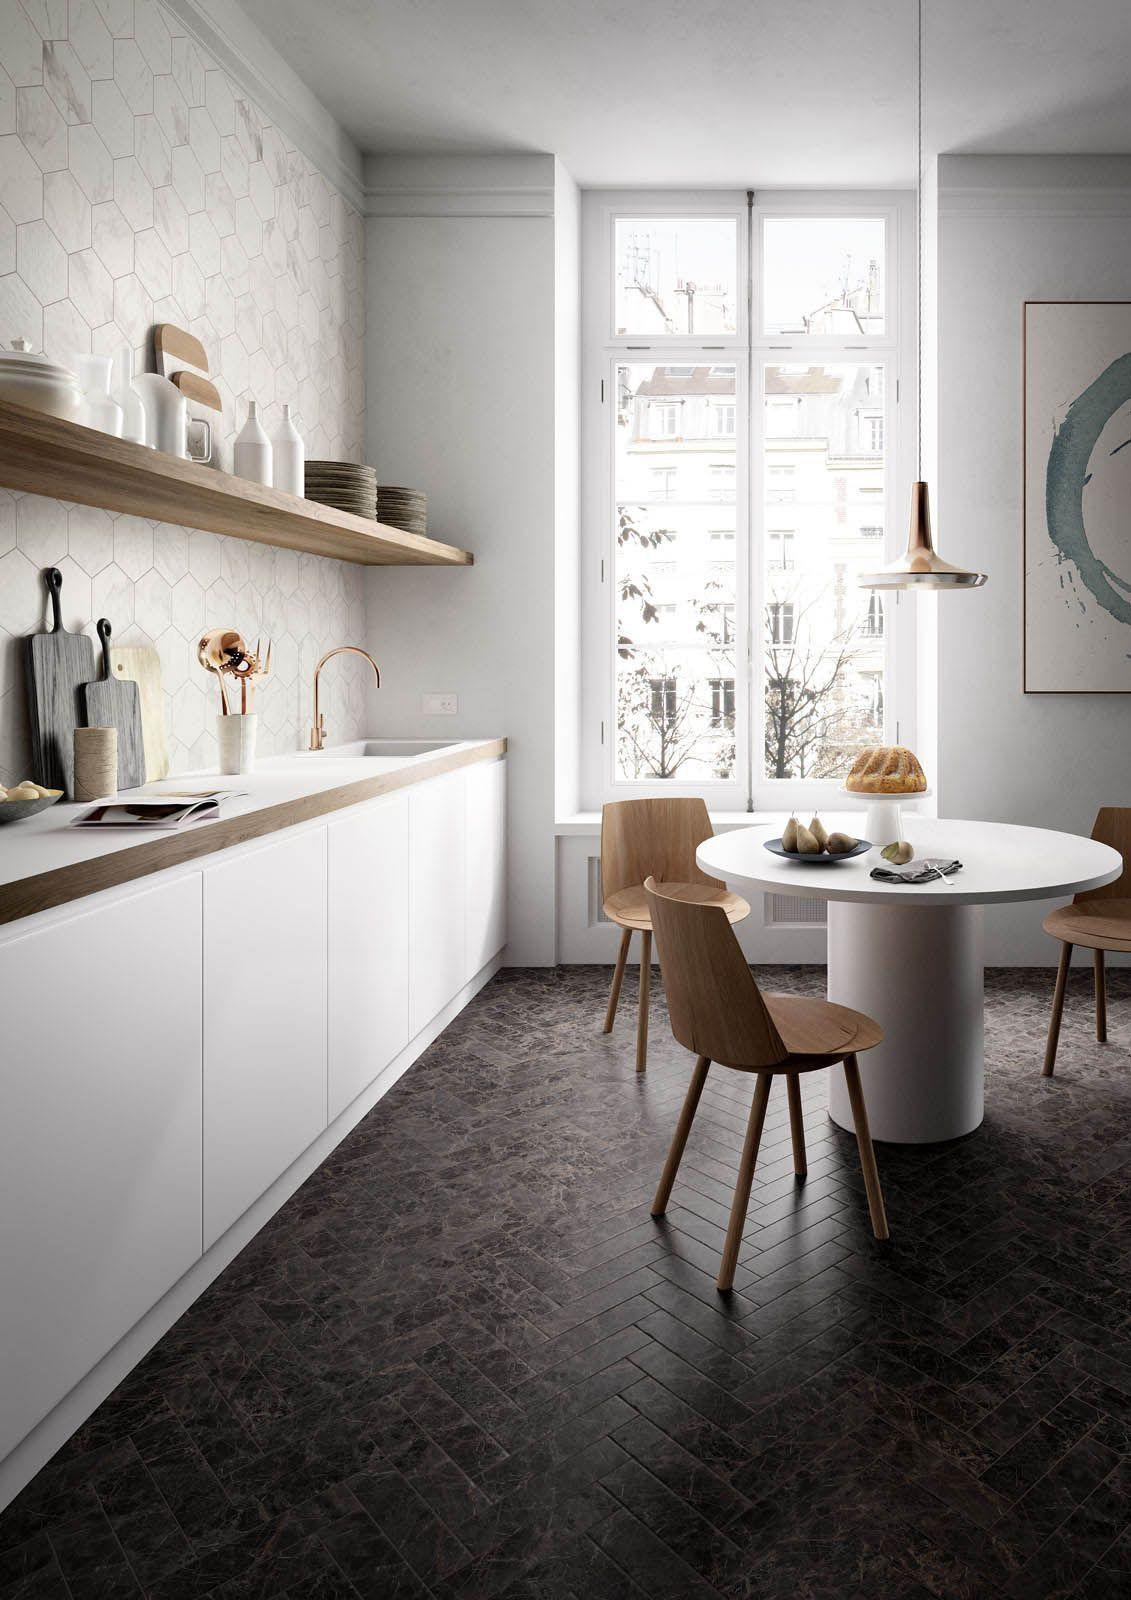 Allmarble - Marble effect stoneware | Marazzi | Kjøkkenfliser ...